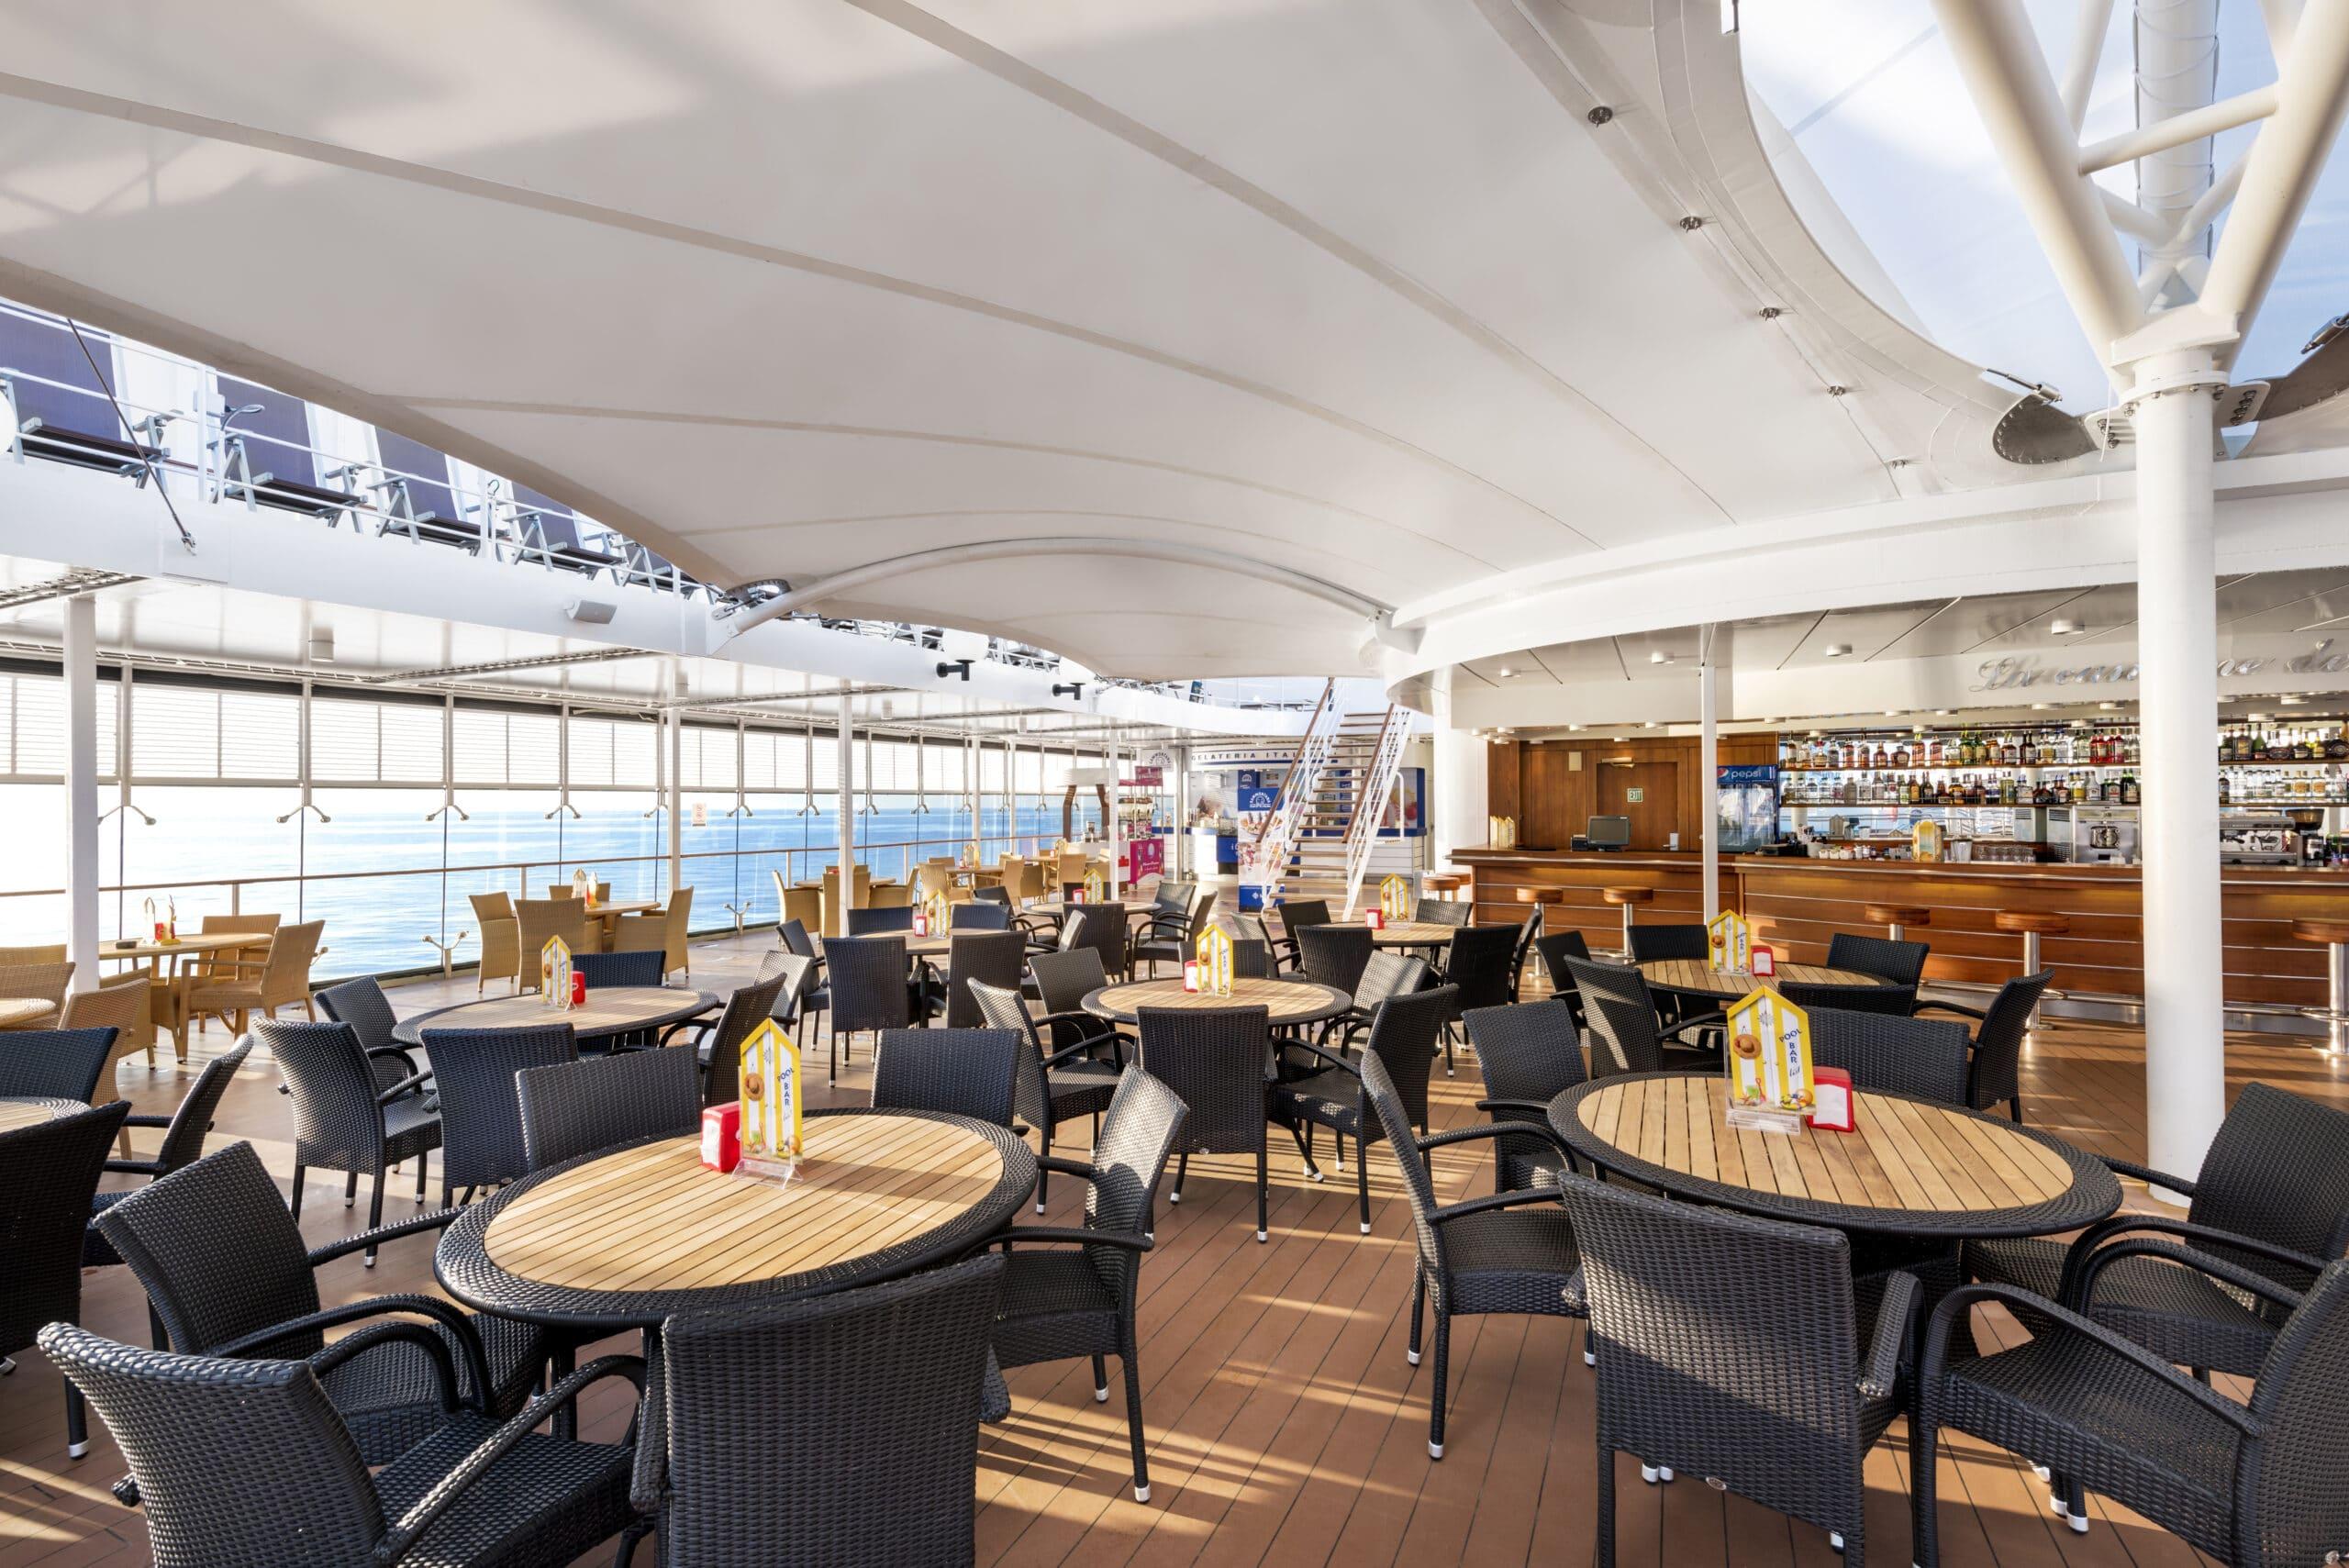 Cruiseschip-MSC Lirica-MSC Cruises-Bar Deck